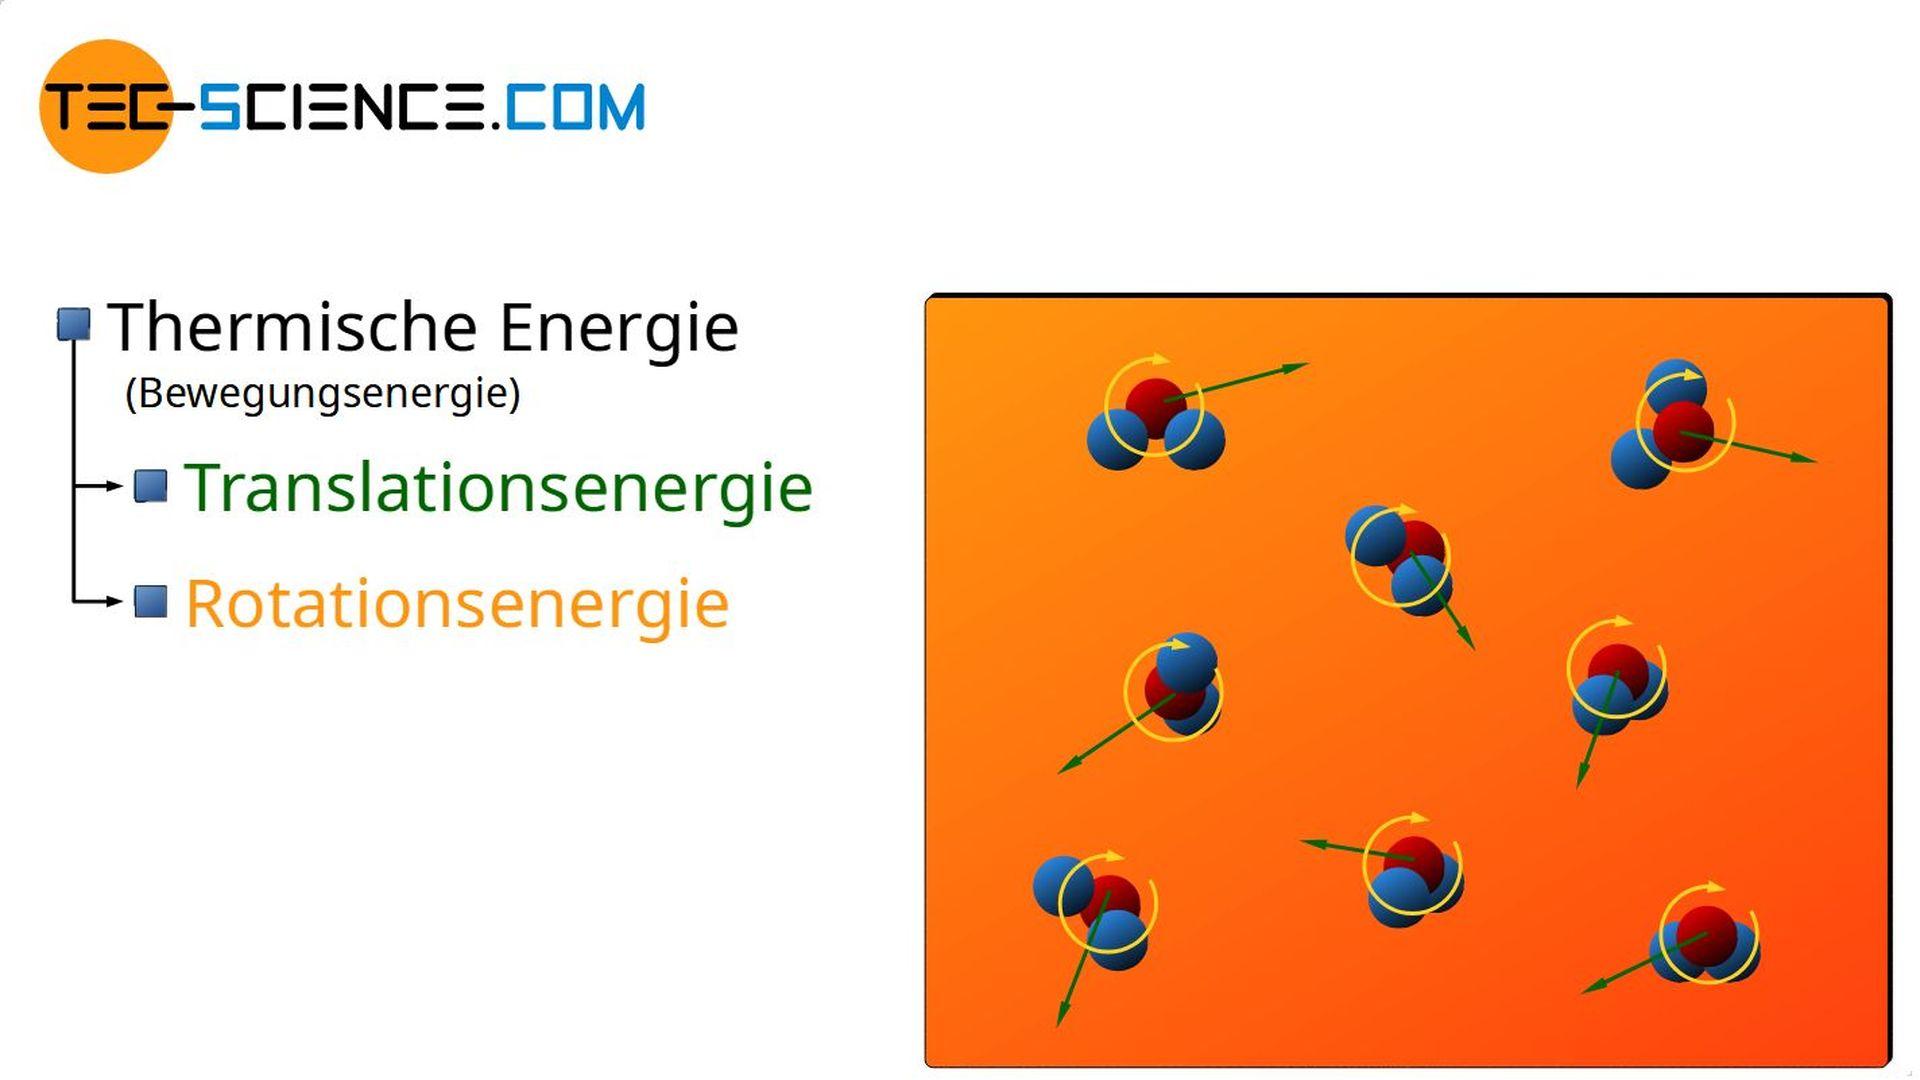 Thermische Energie als Teil der inneren Energie eines Stoffes